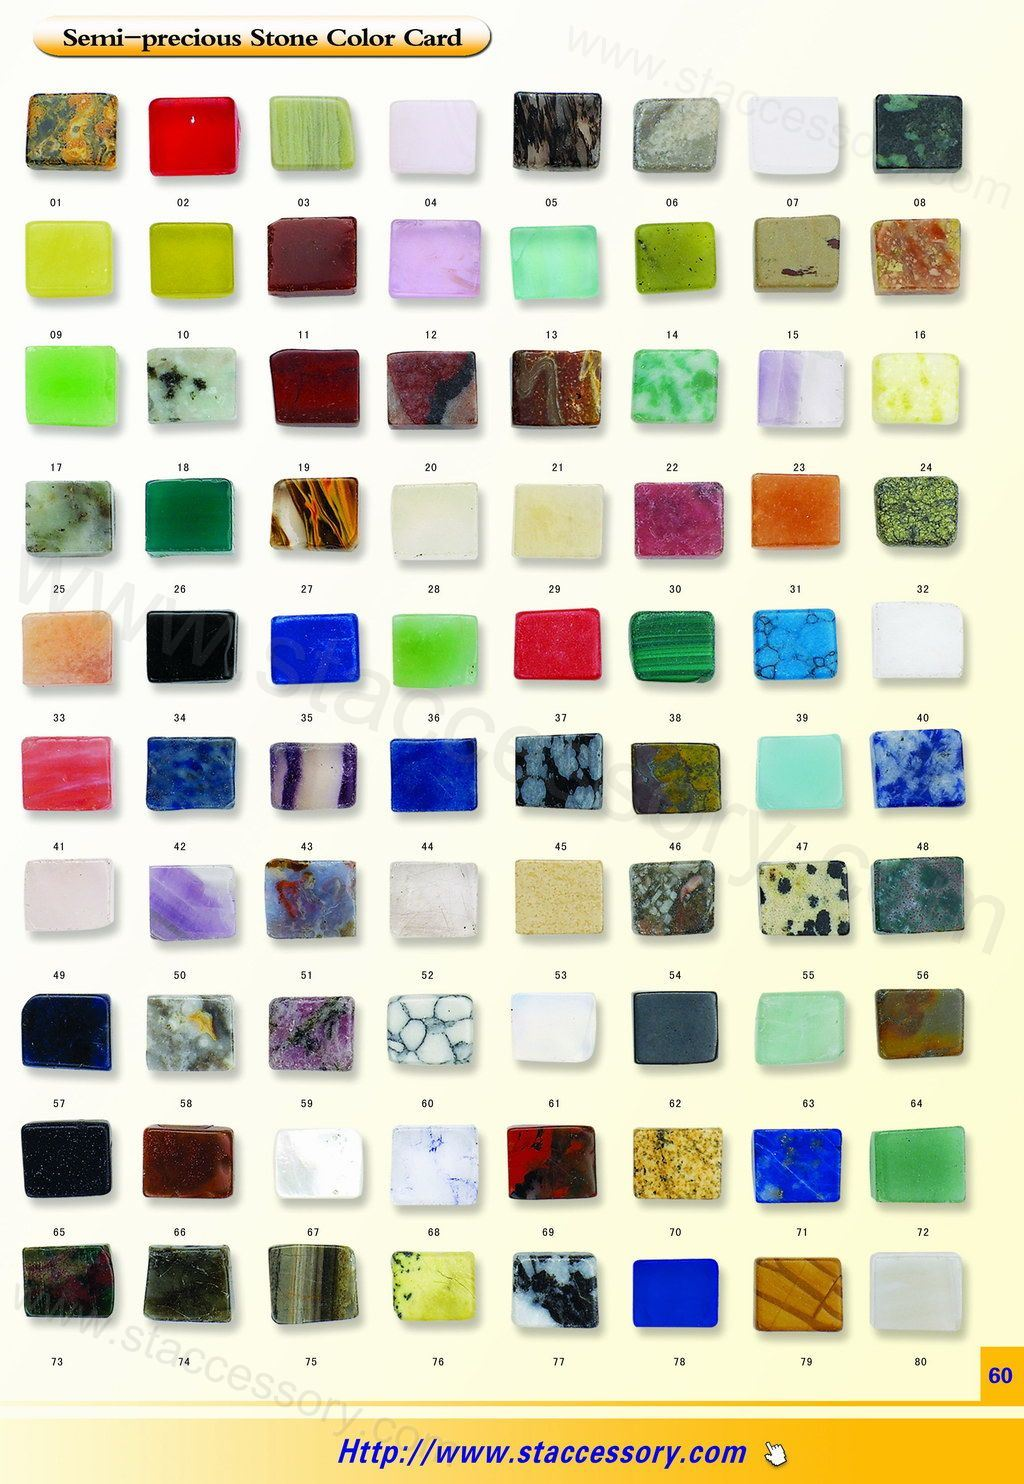 List Of Semi Precious Stones Semi precious stone